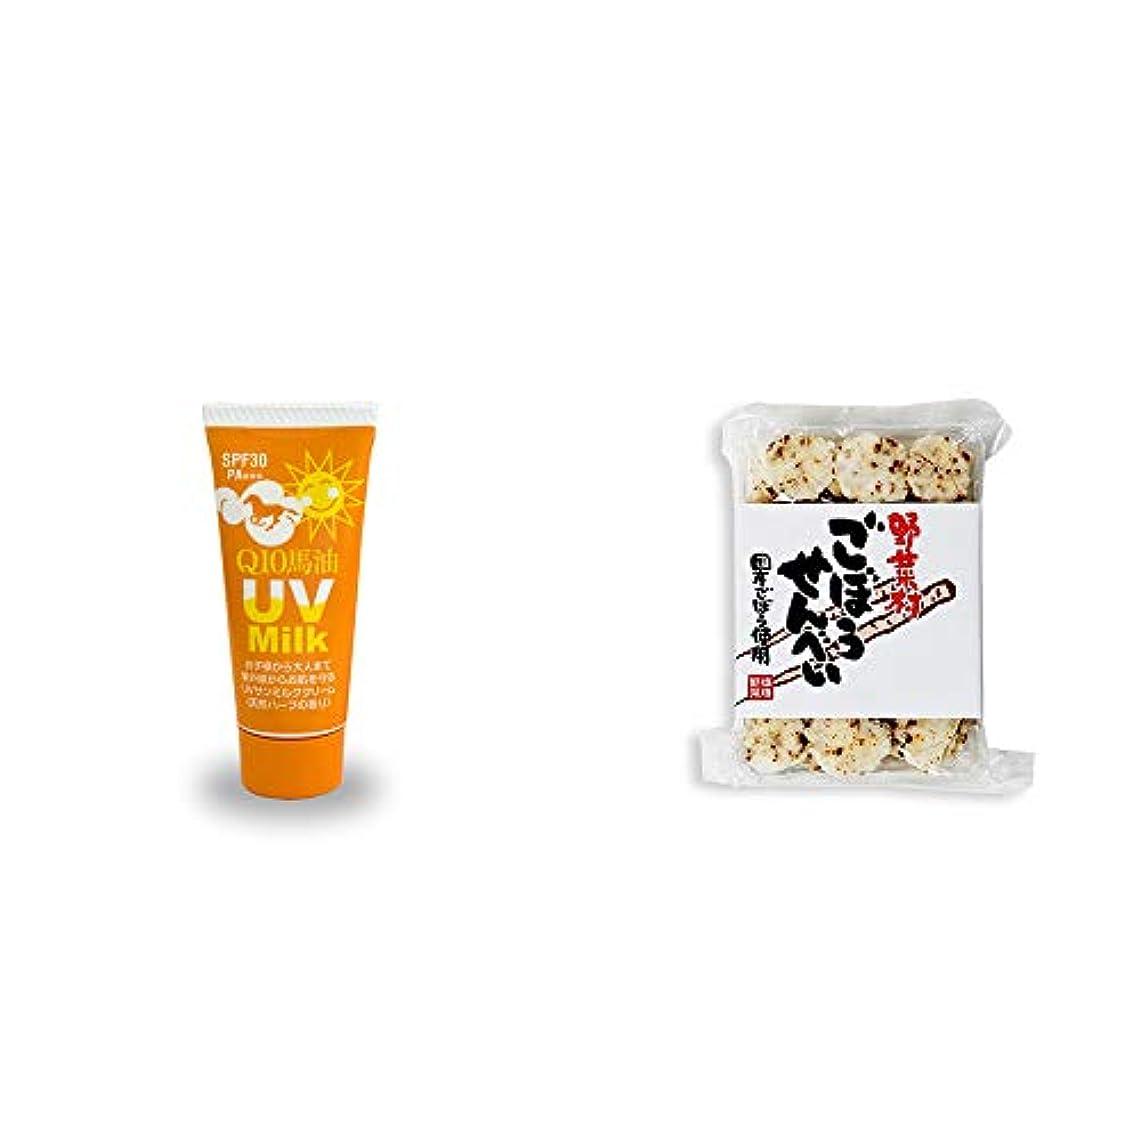 クライマックスブランド麺[2点セット] 炭黒泉 Q10馬油 UVサンミルク[天然ハーブ](40g)?ごぼうせんべい(75g)